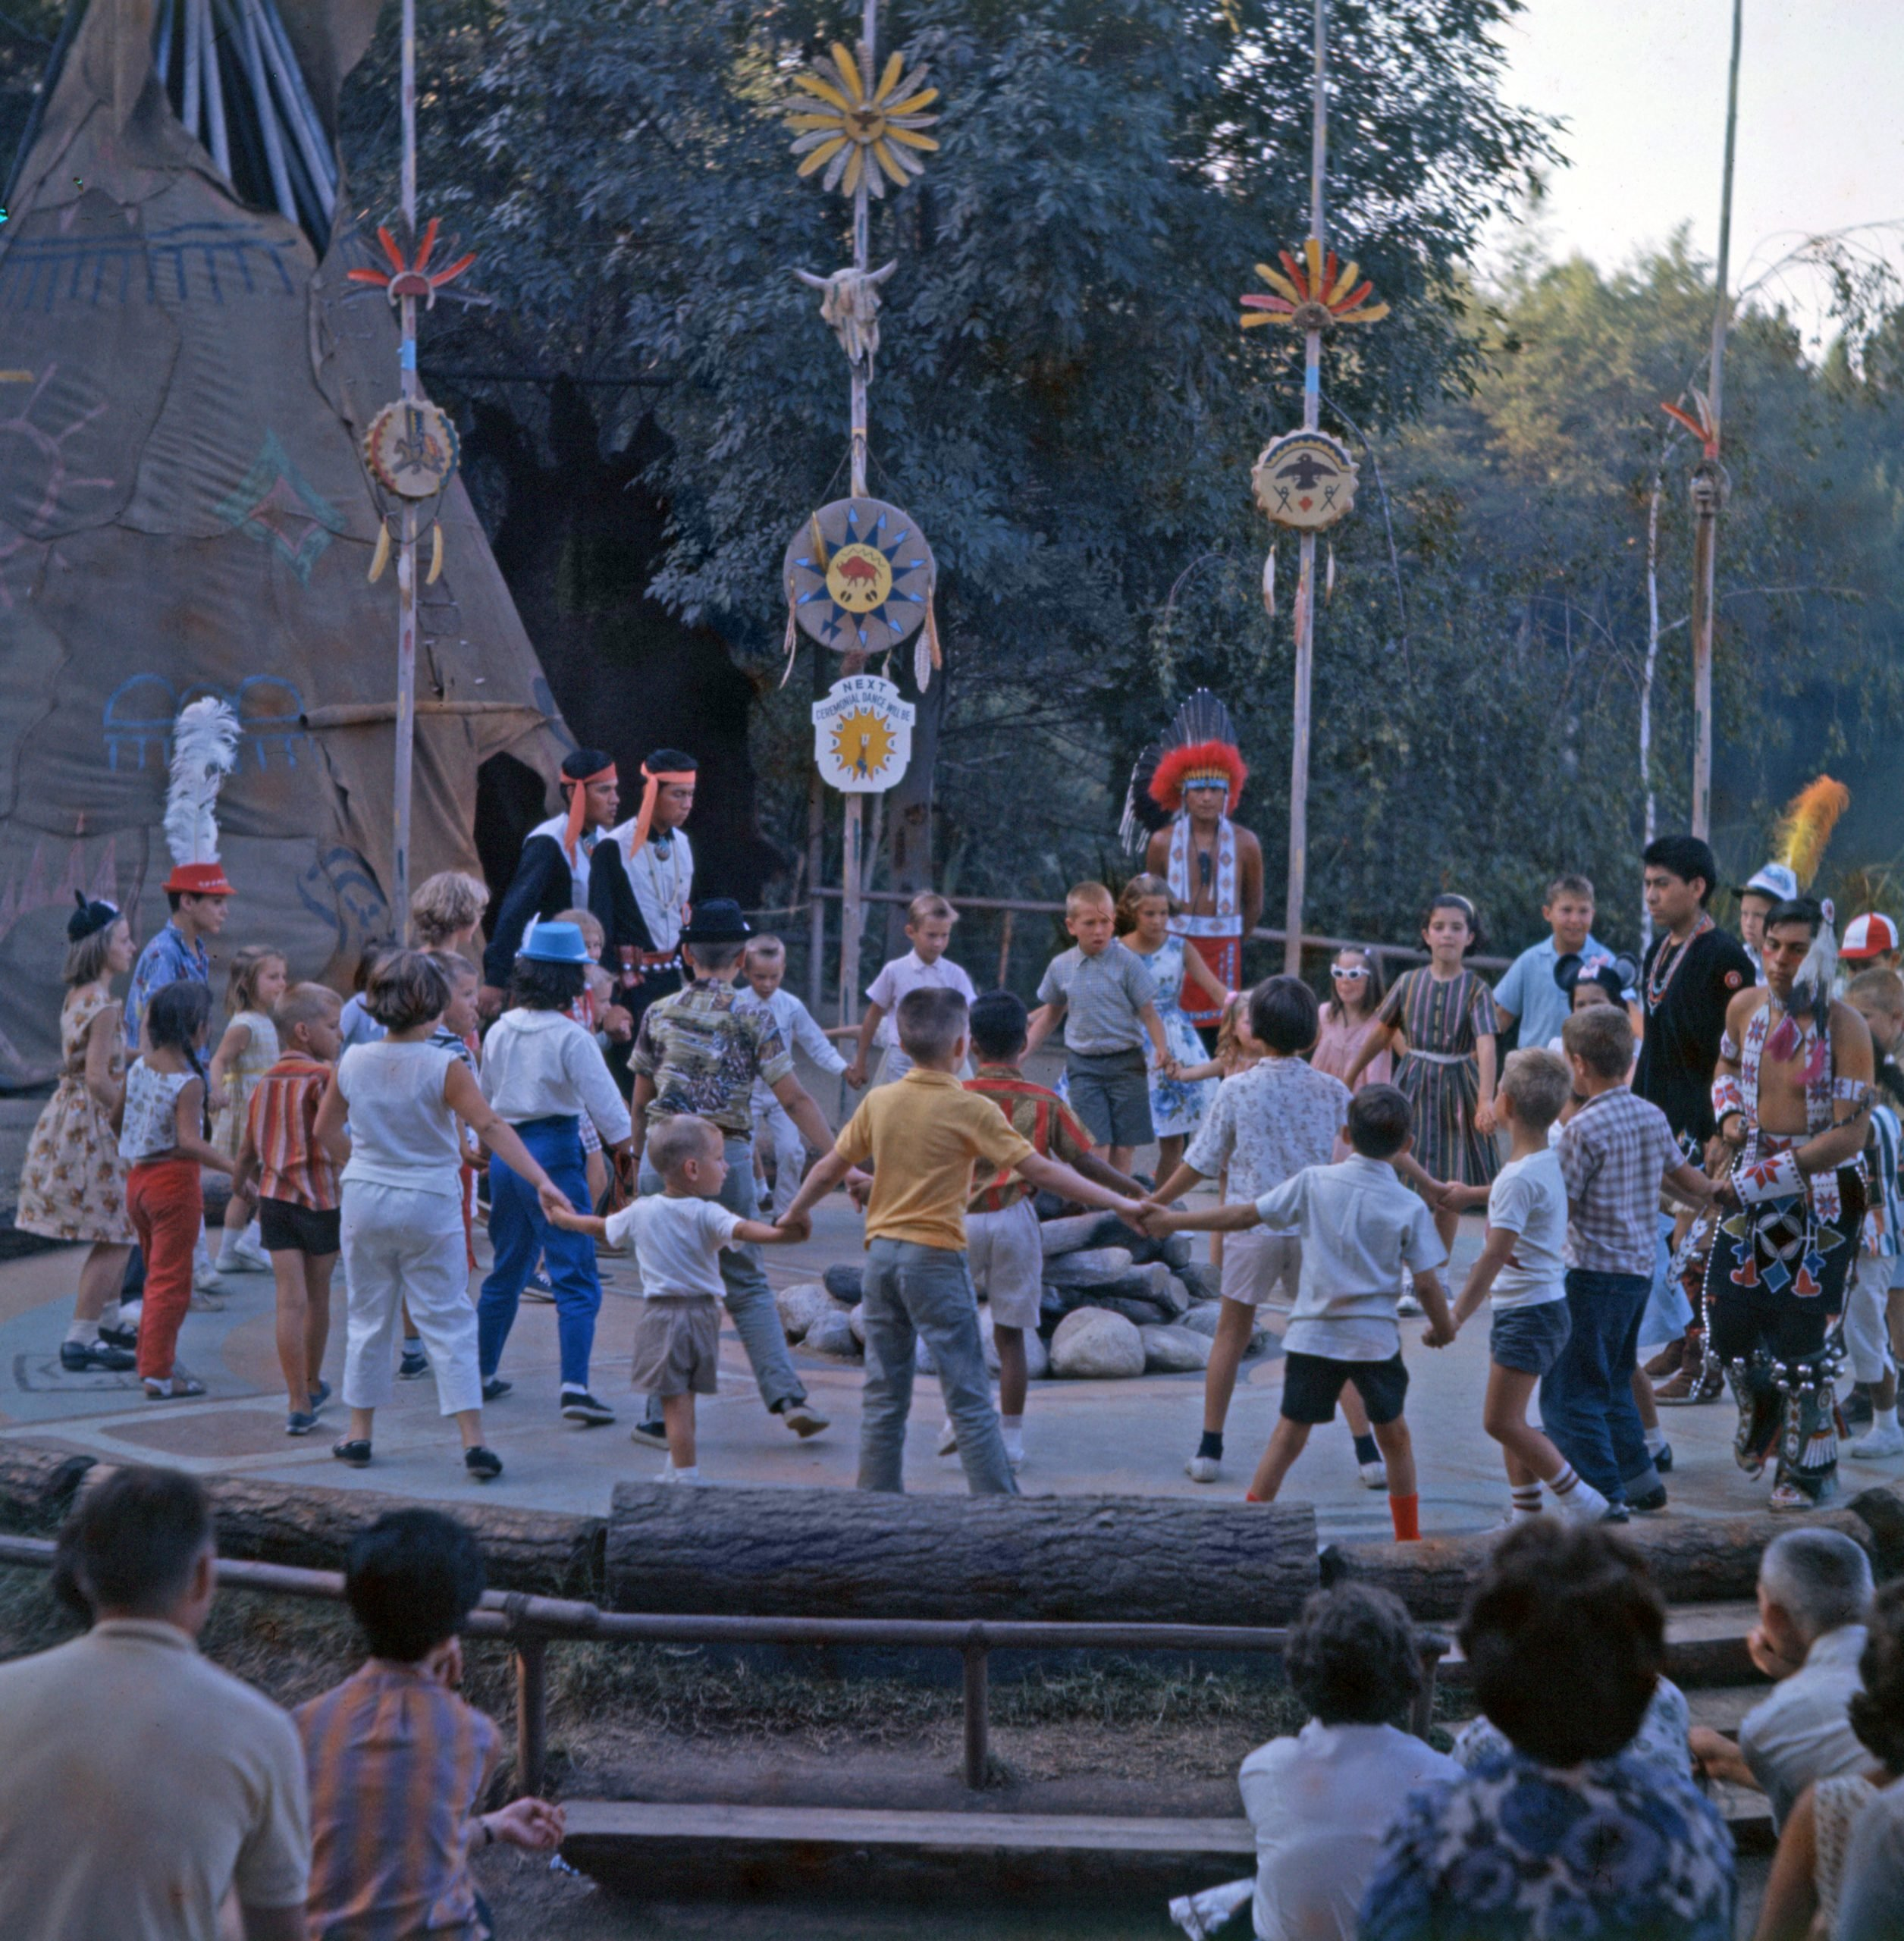 Dancing In Disneyland's Frontierland